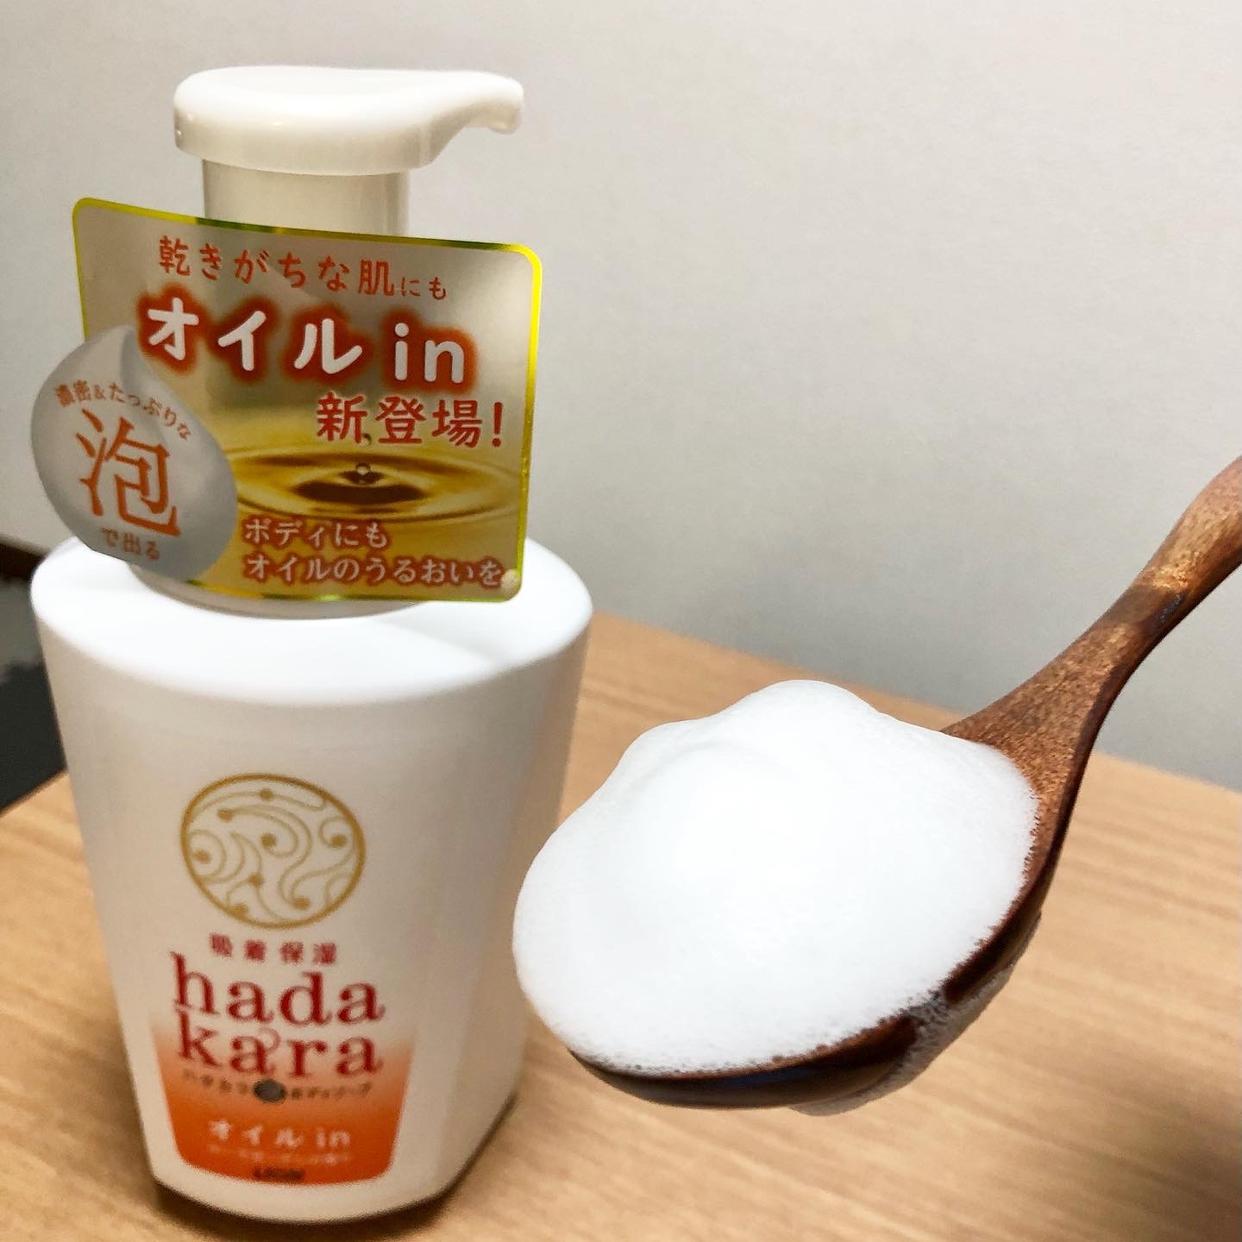 hadakara(ハダカラ) ボディソープ 泡で出てくるオイルインタイプを使ったきなこさんのクチコミ画像